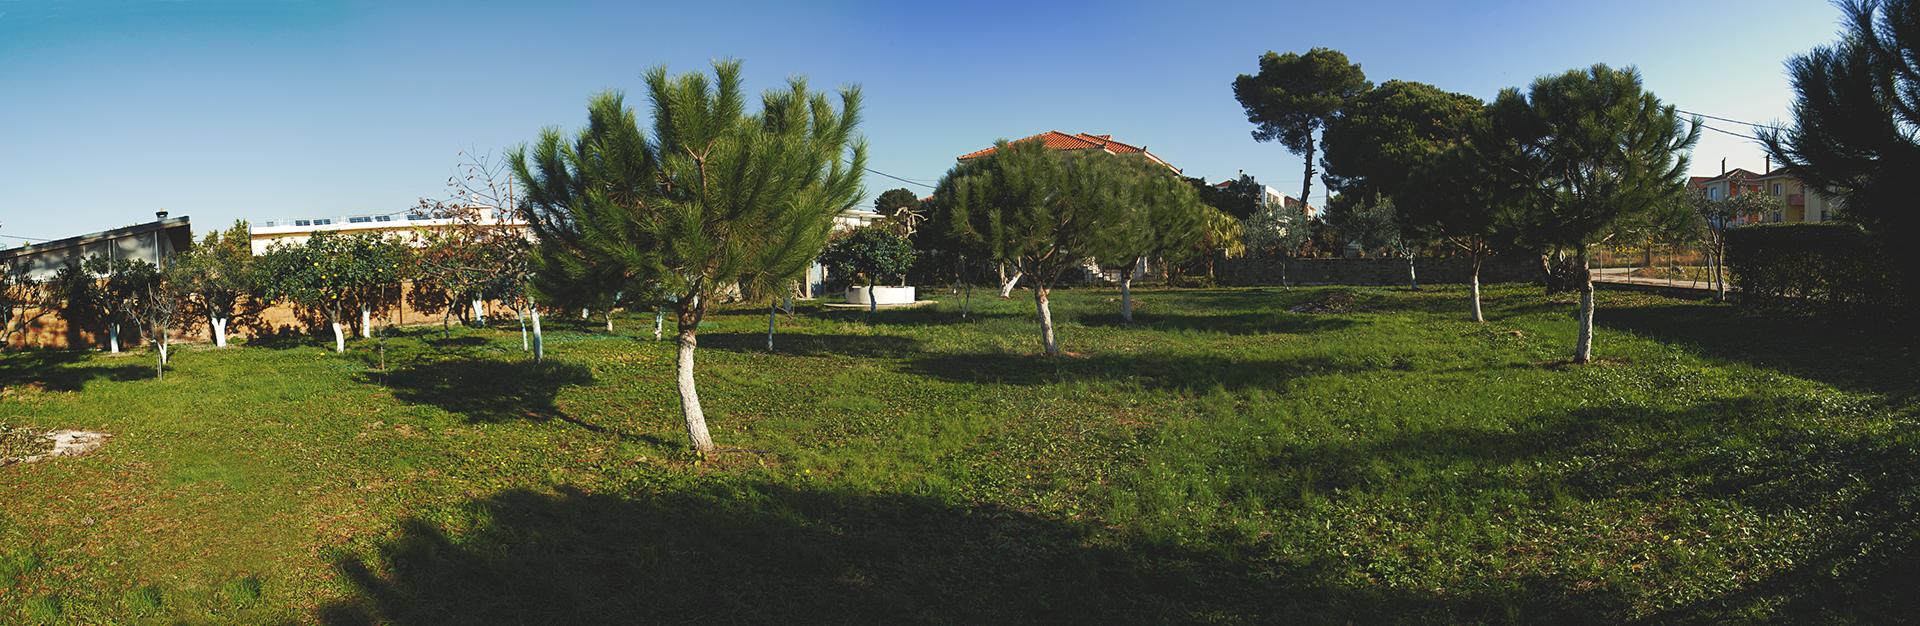 garden villa moby dick